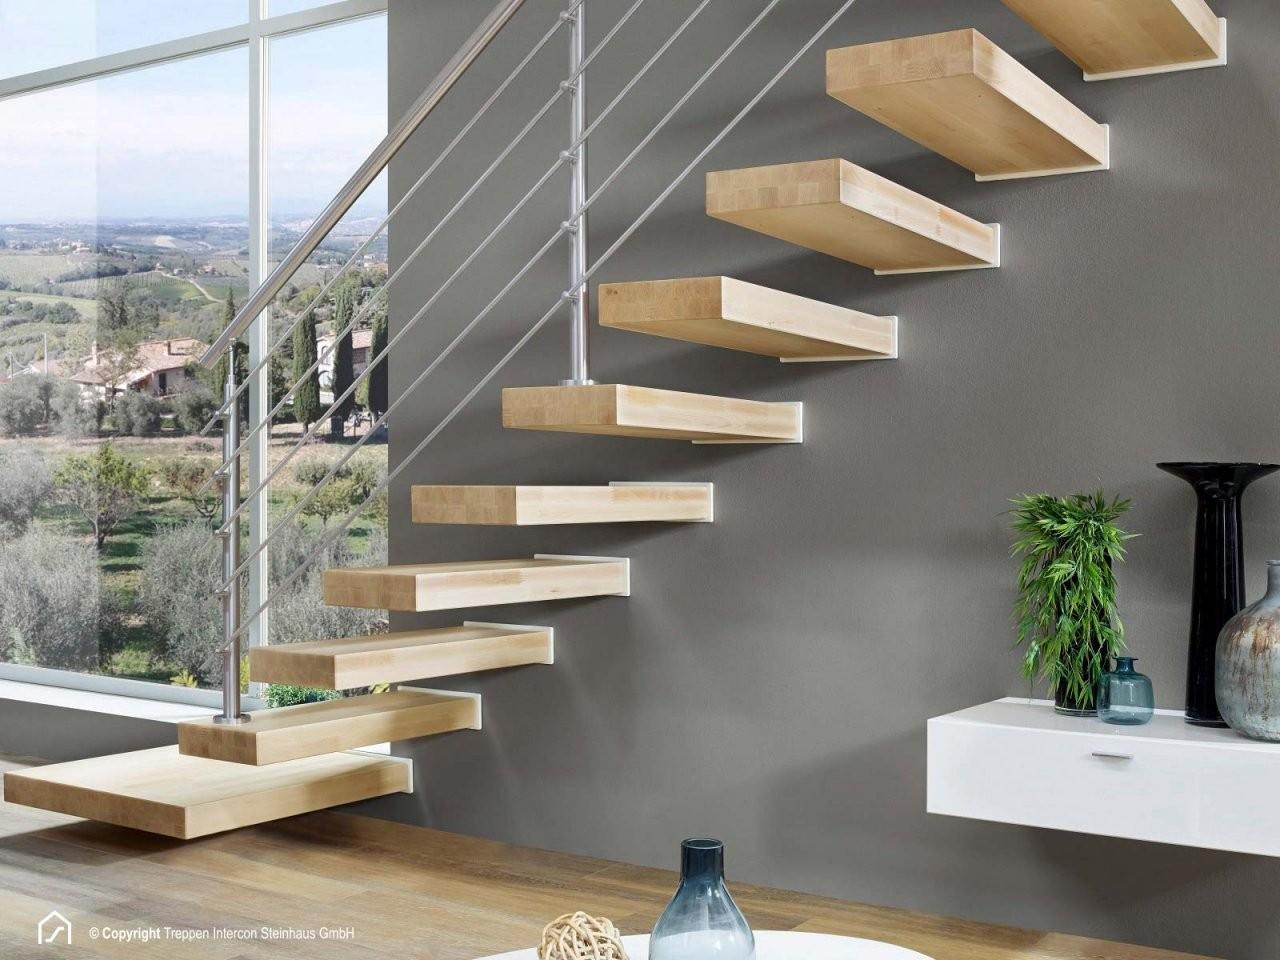 Kragstufentreppen Hier Online Kaufen  Treppen Intercon von Treppe An Der Wand Photo